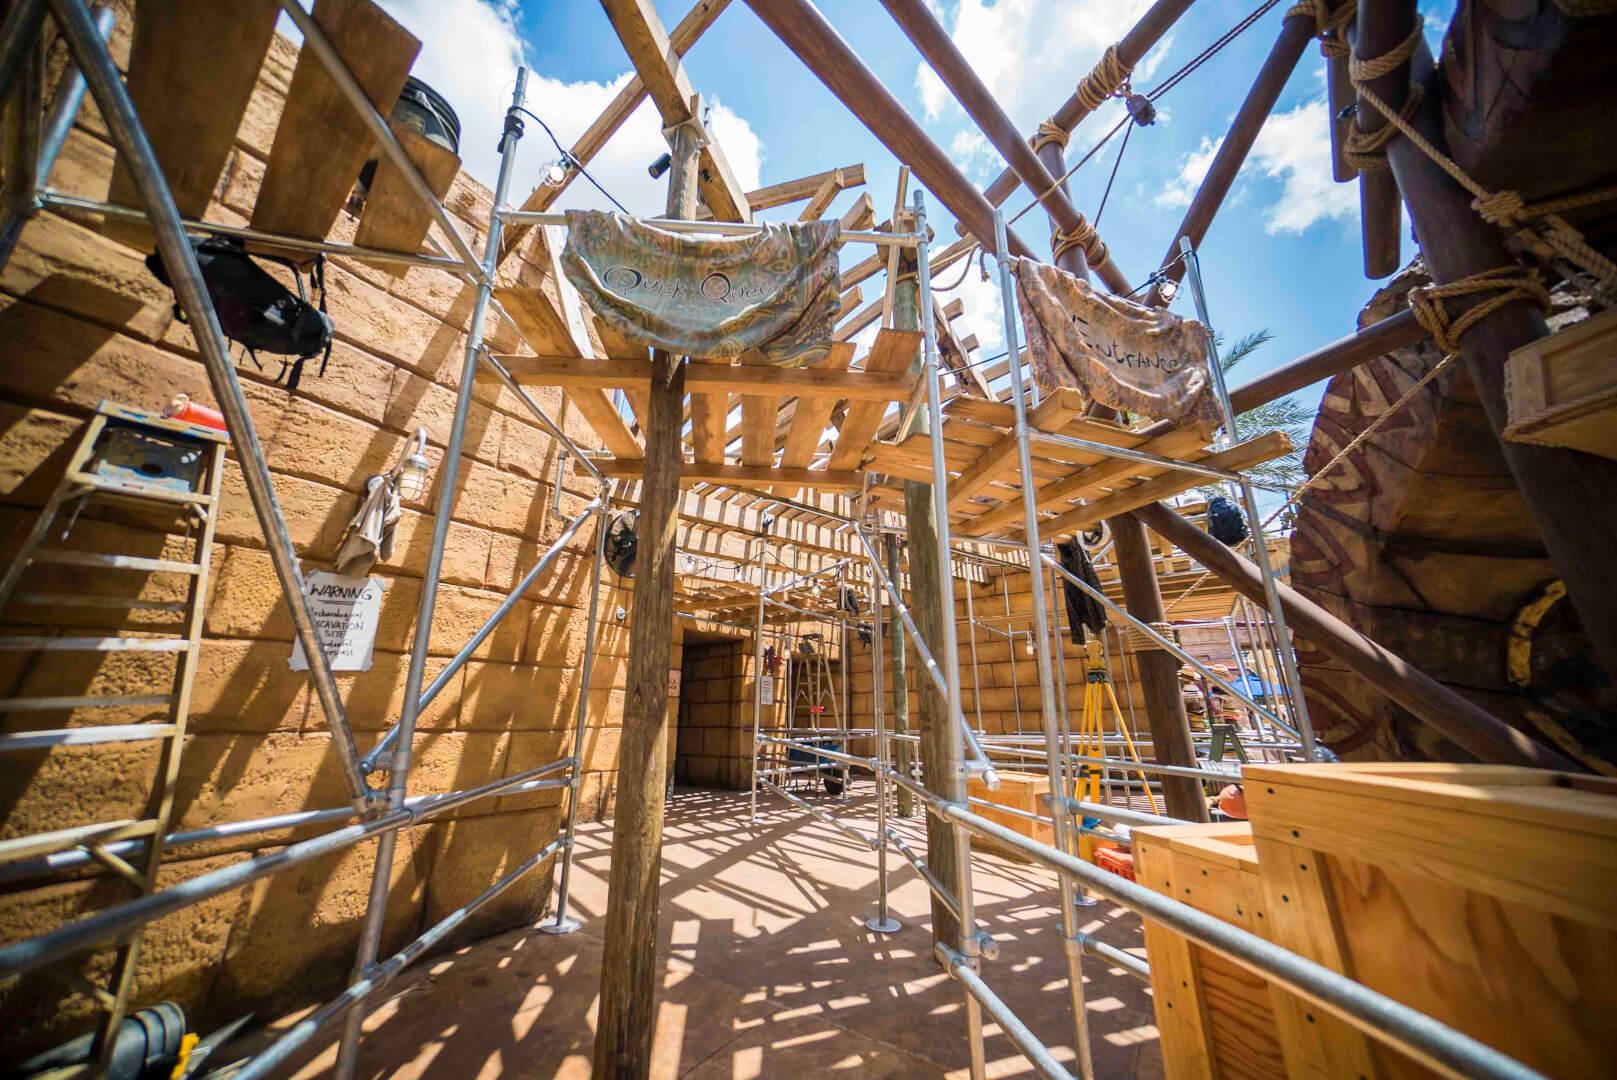 Cobra\'s Curse spin coaster set to open June 17 at Busch Gardens ...